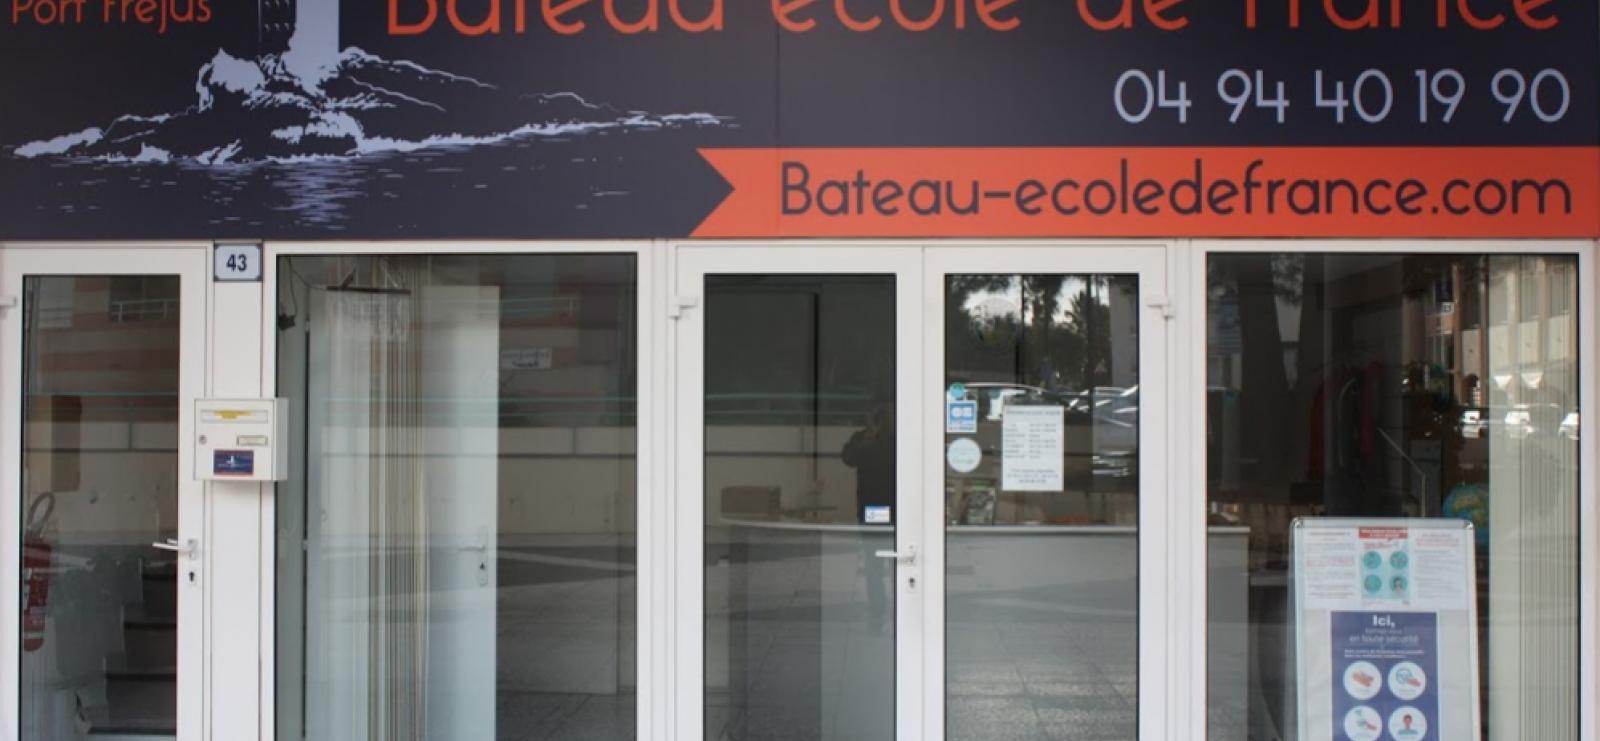 Bateau École de France